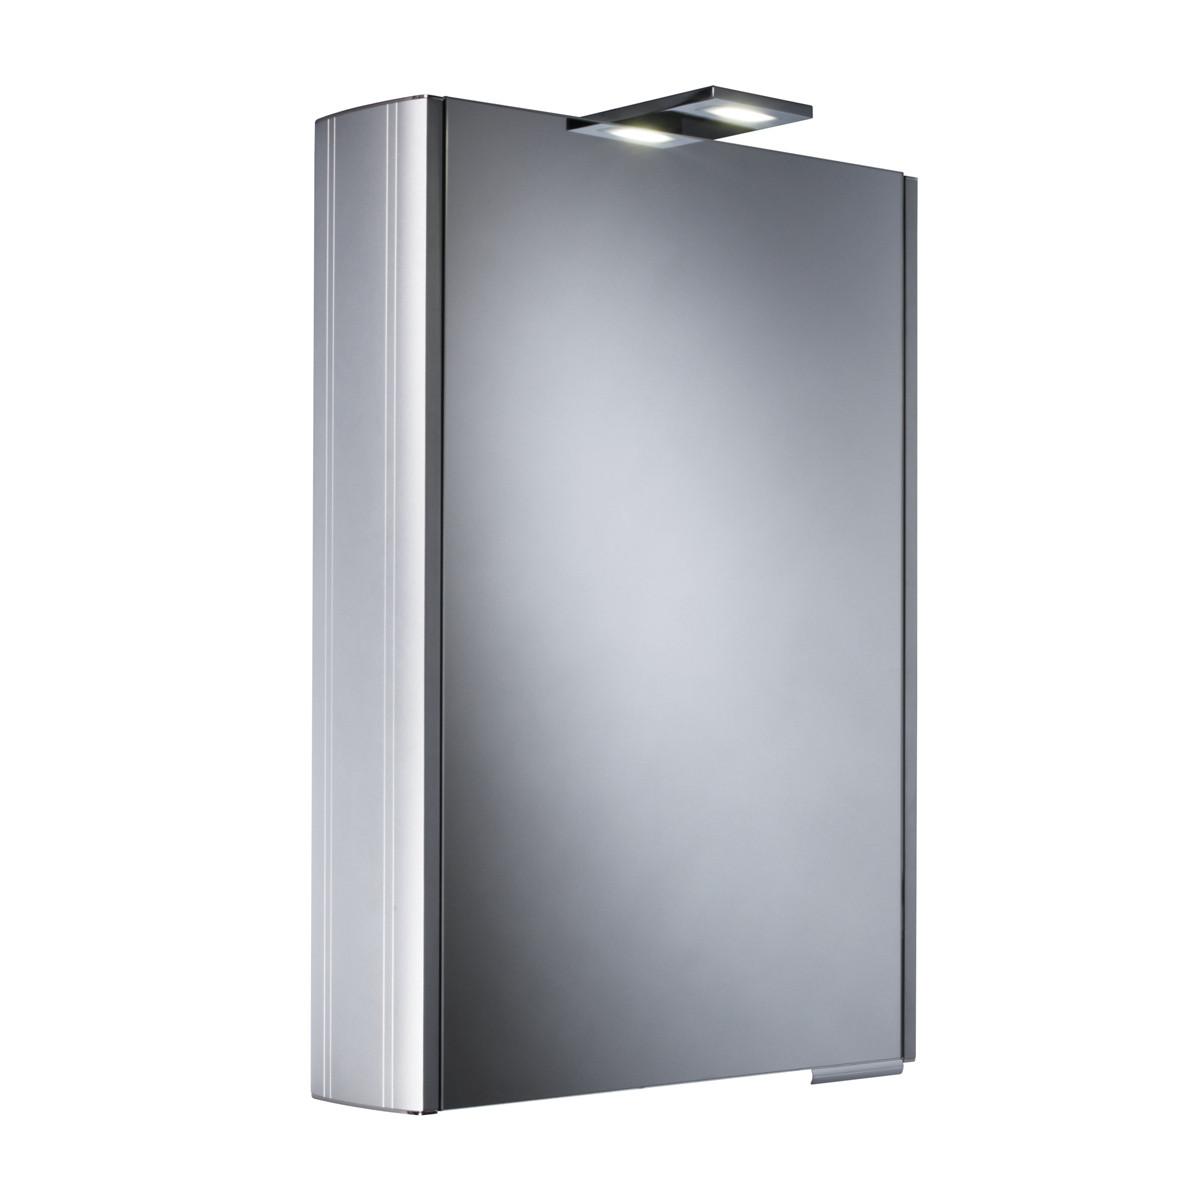 Roper Rhodes Fever Aluminium Cabinet